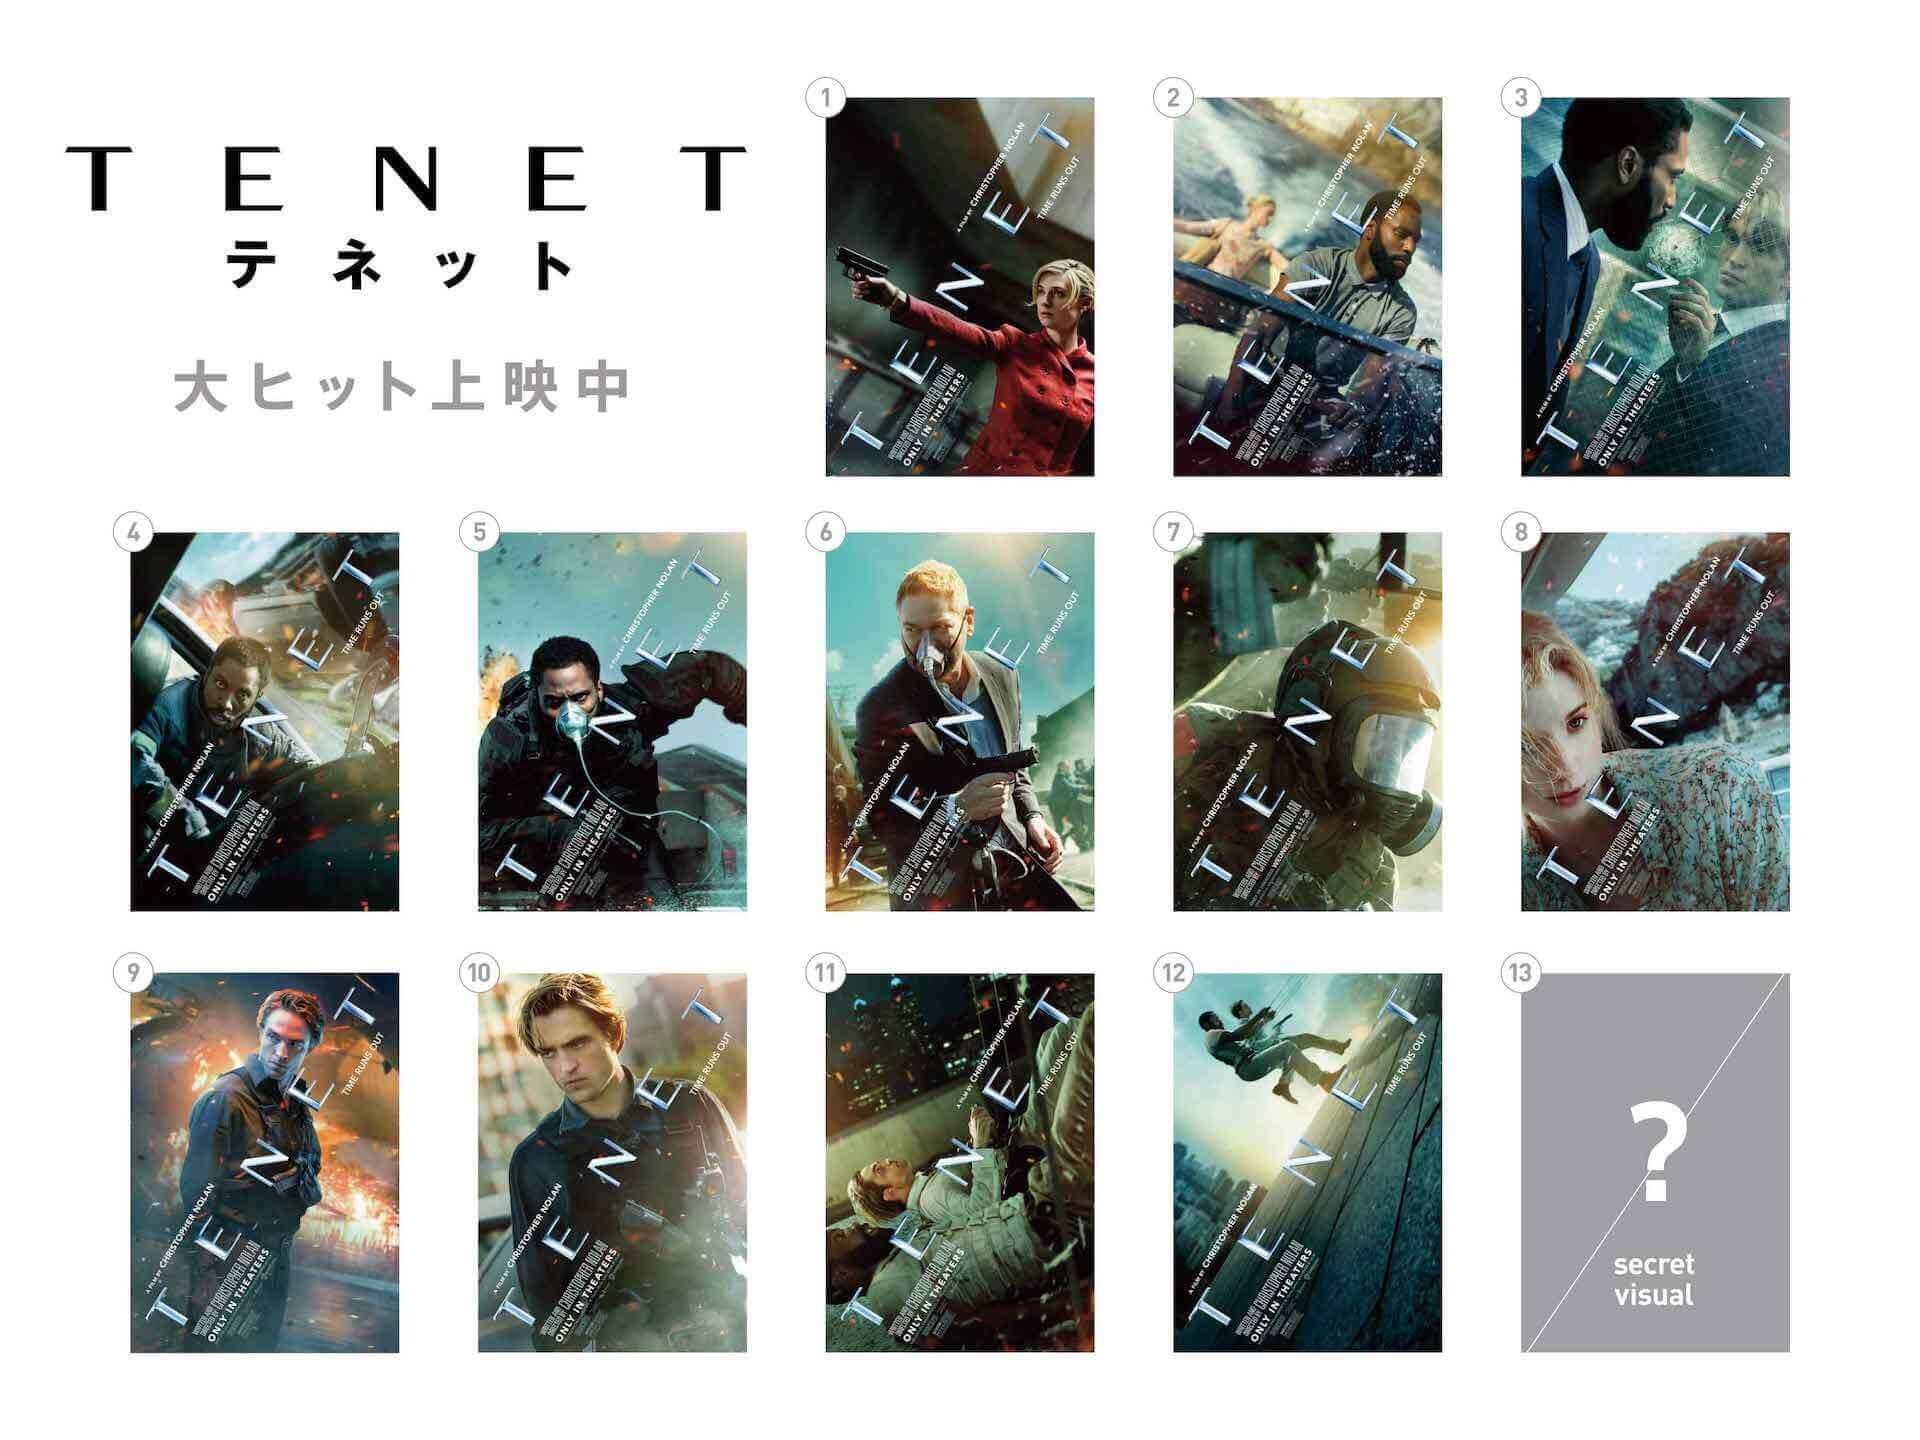 クリストファー・ノーラン最新作『TENET テネット』の謎を解くヒントがここに!鍵を握る一部本編映像が解禁 film201009_tenet_6